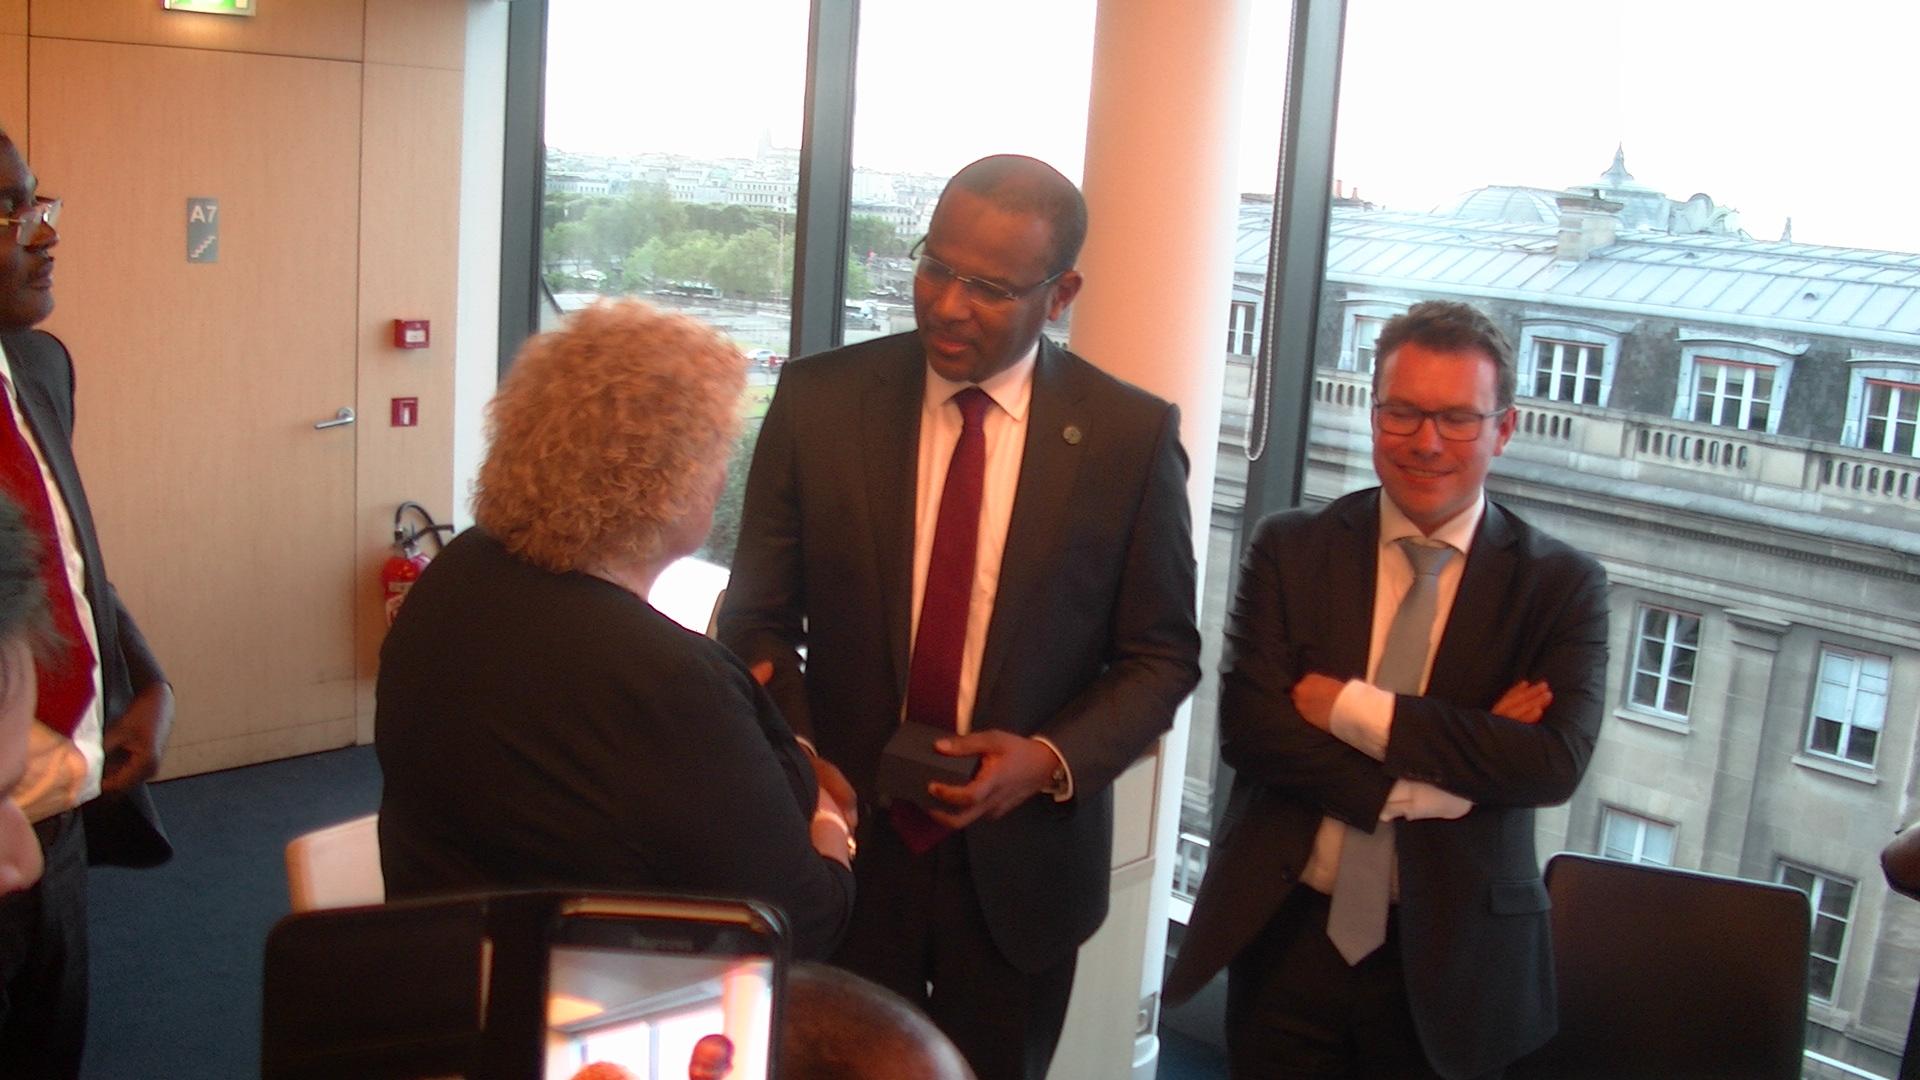 En tant que Légionnaire, DHK félicite le Ministre de l'économie du Mali, monsieur Boubou Cissé, en p